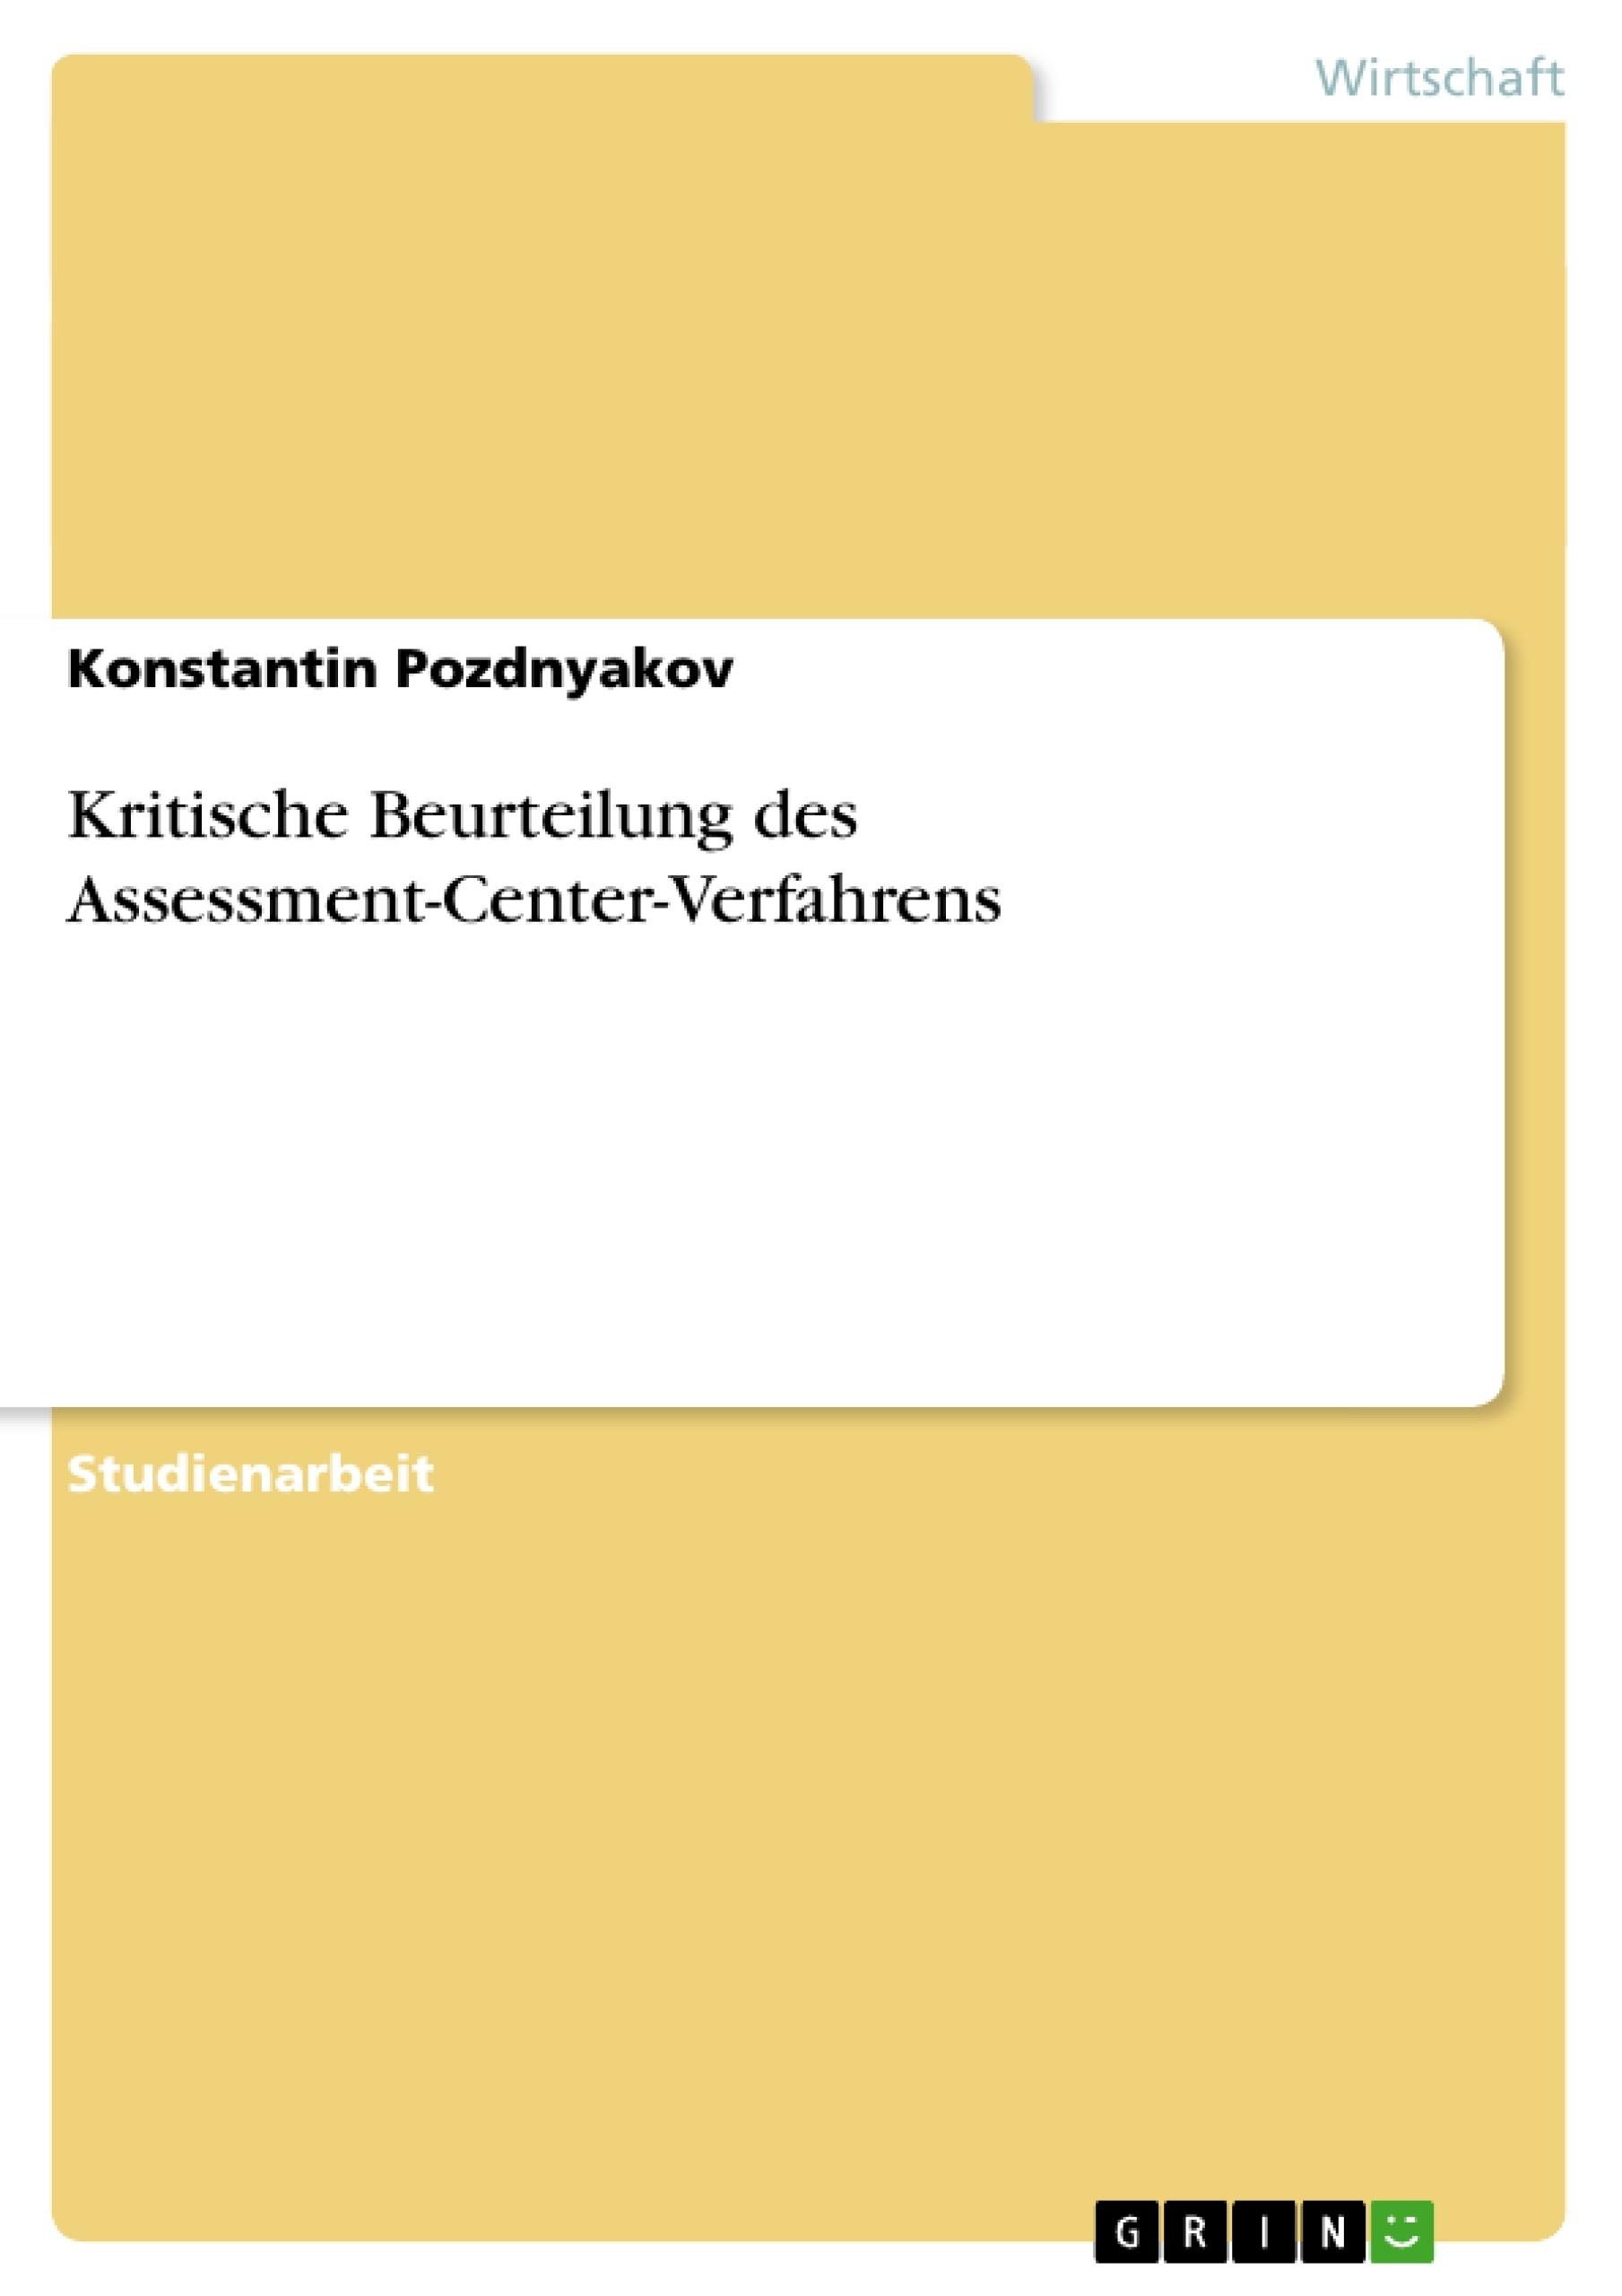 Titel: Kritische Beurteilung des Assessment-Center-Verfahrens